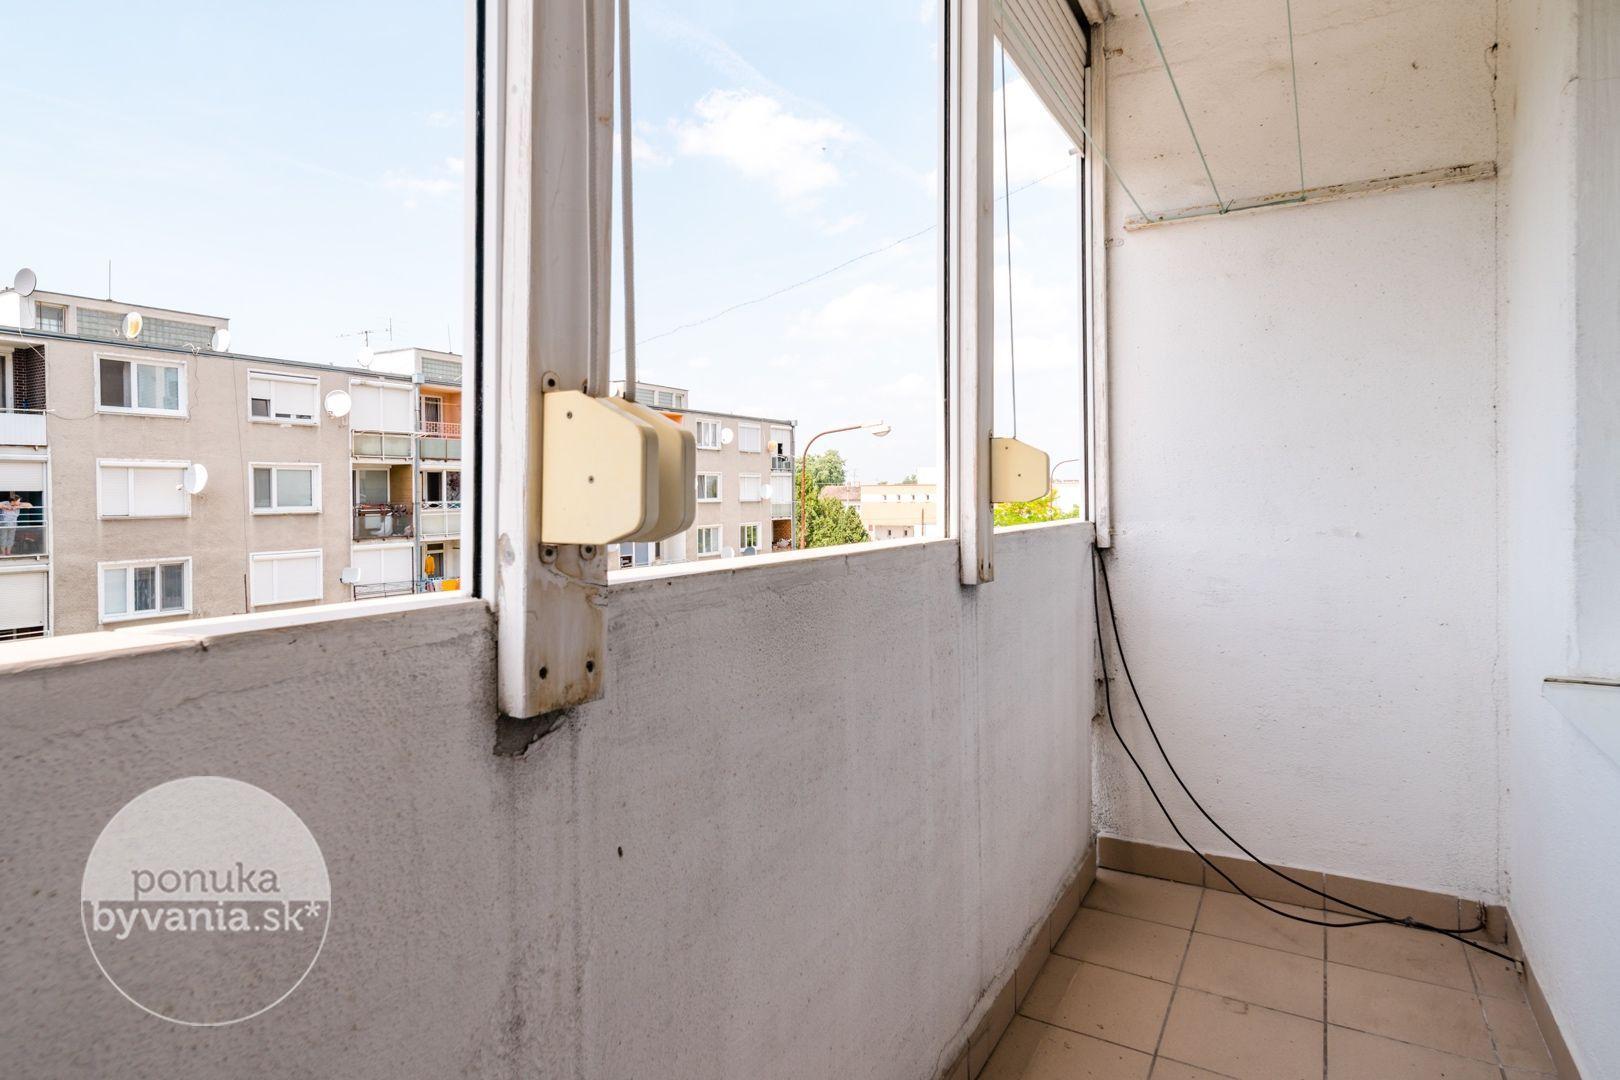 ponukabyvania.sk_Sídlisko_1-izbový-byt_BARTA